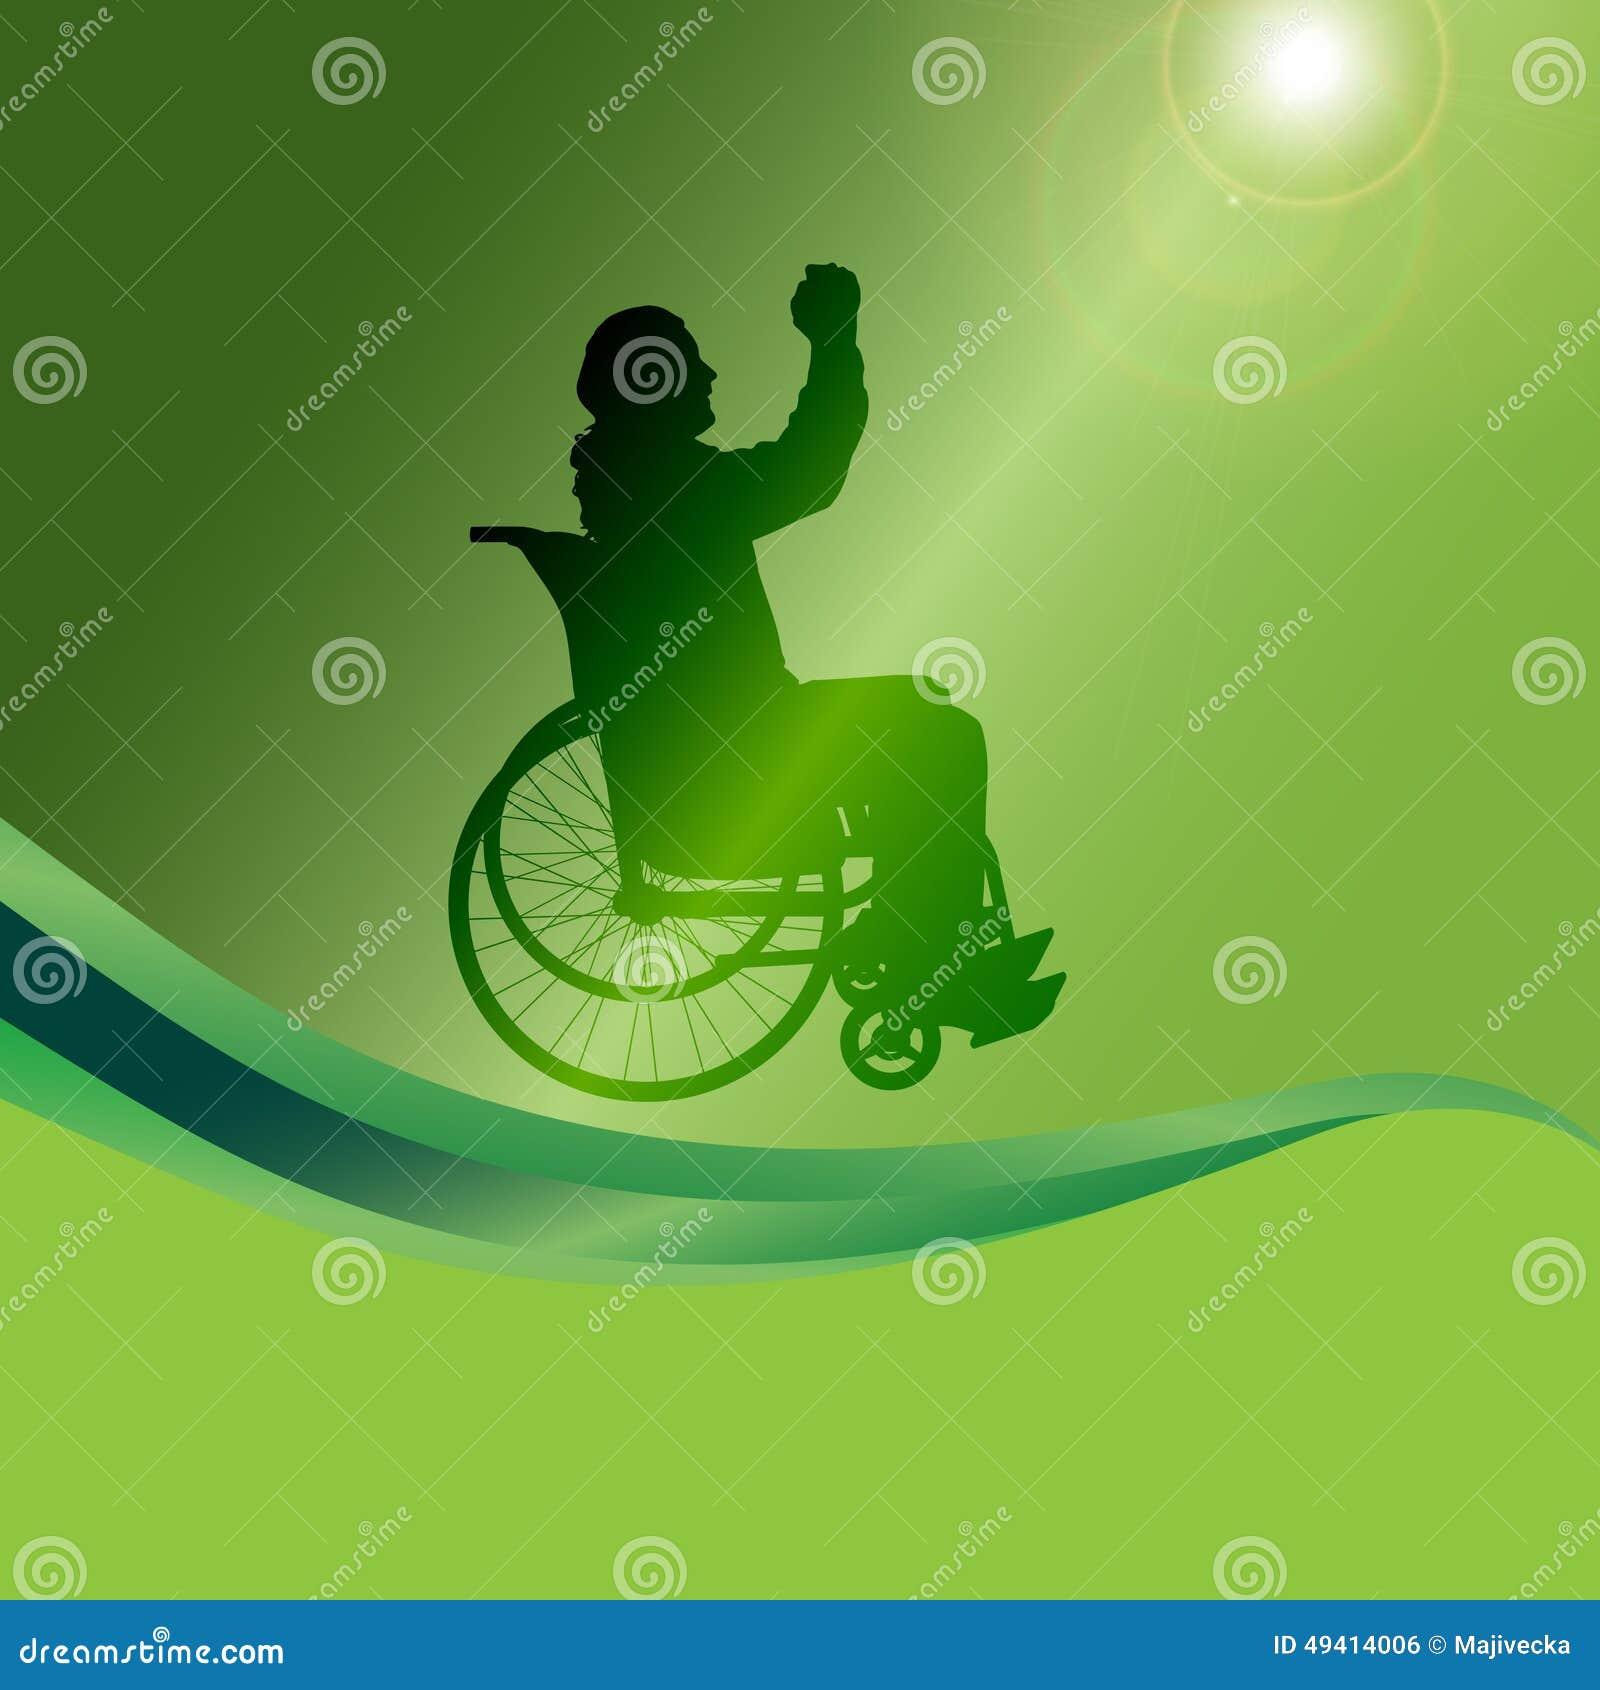 Download Vector Schattenbild Eines Mannes In Einem Rollstuhl Vektor Abbildung - Illustration von abbildung, krankenhaus: 49414006